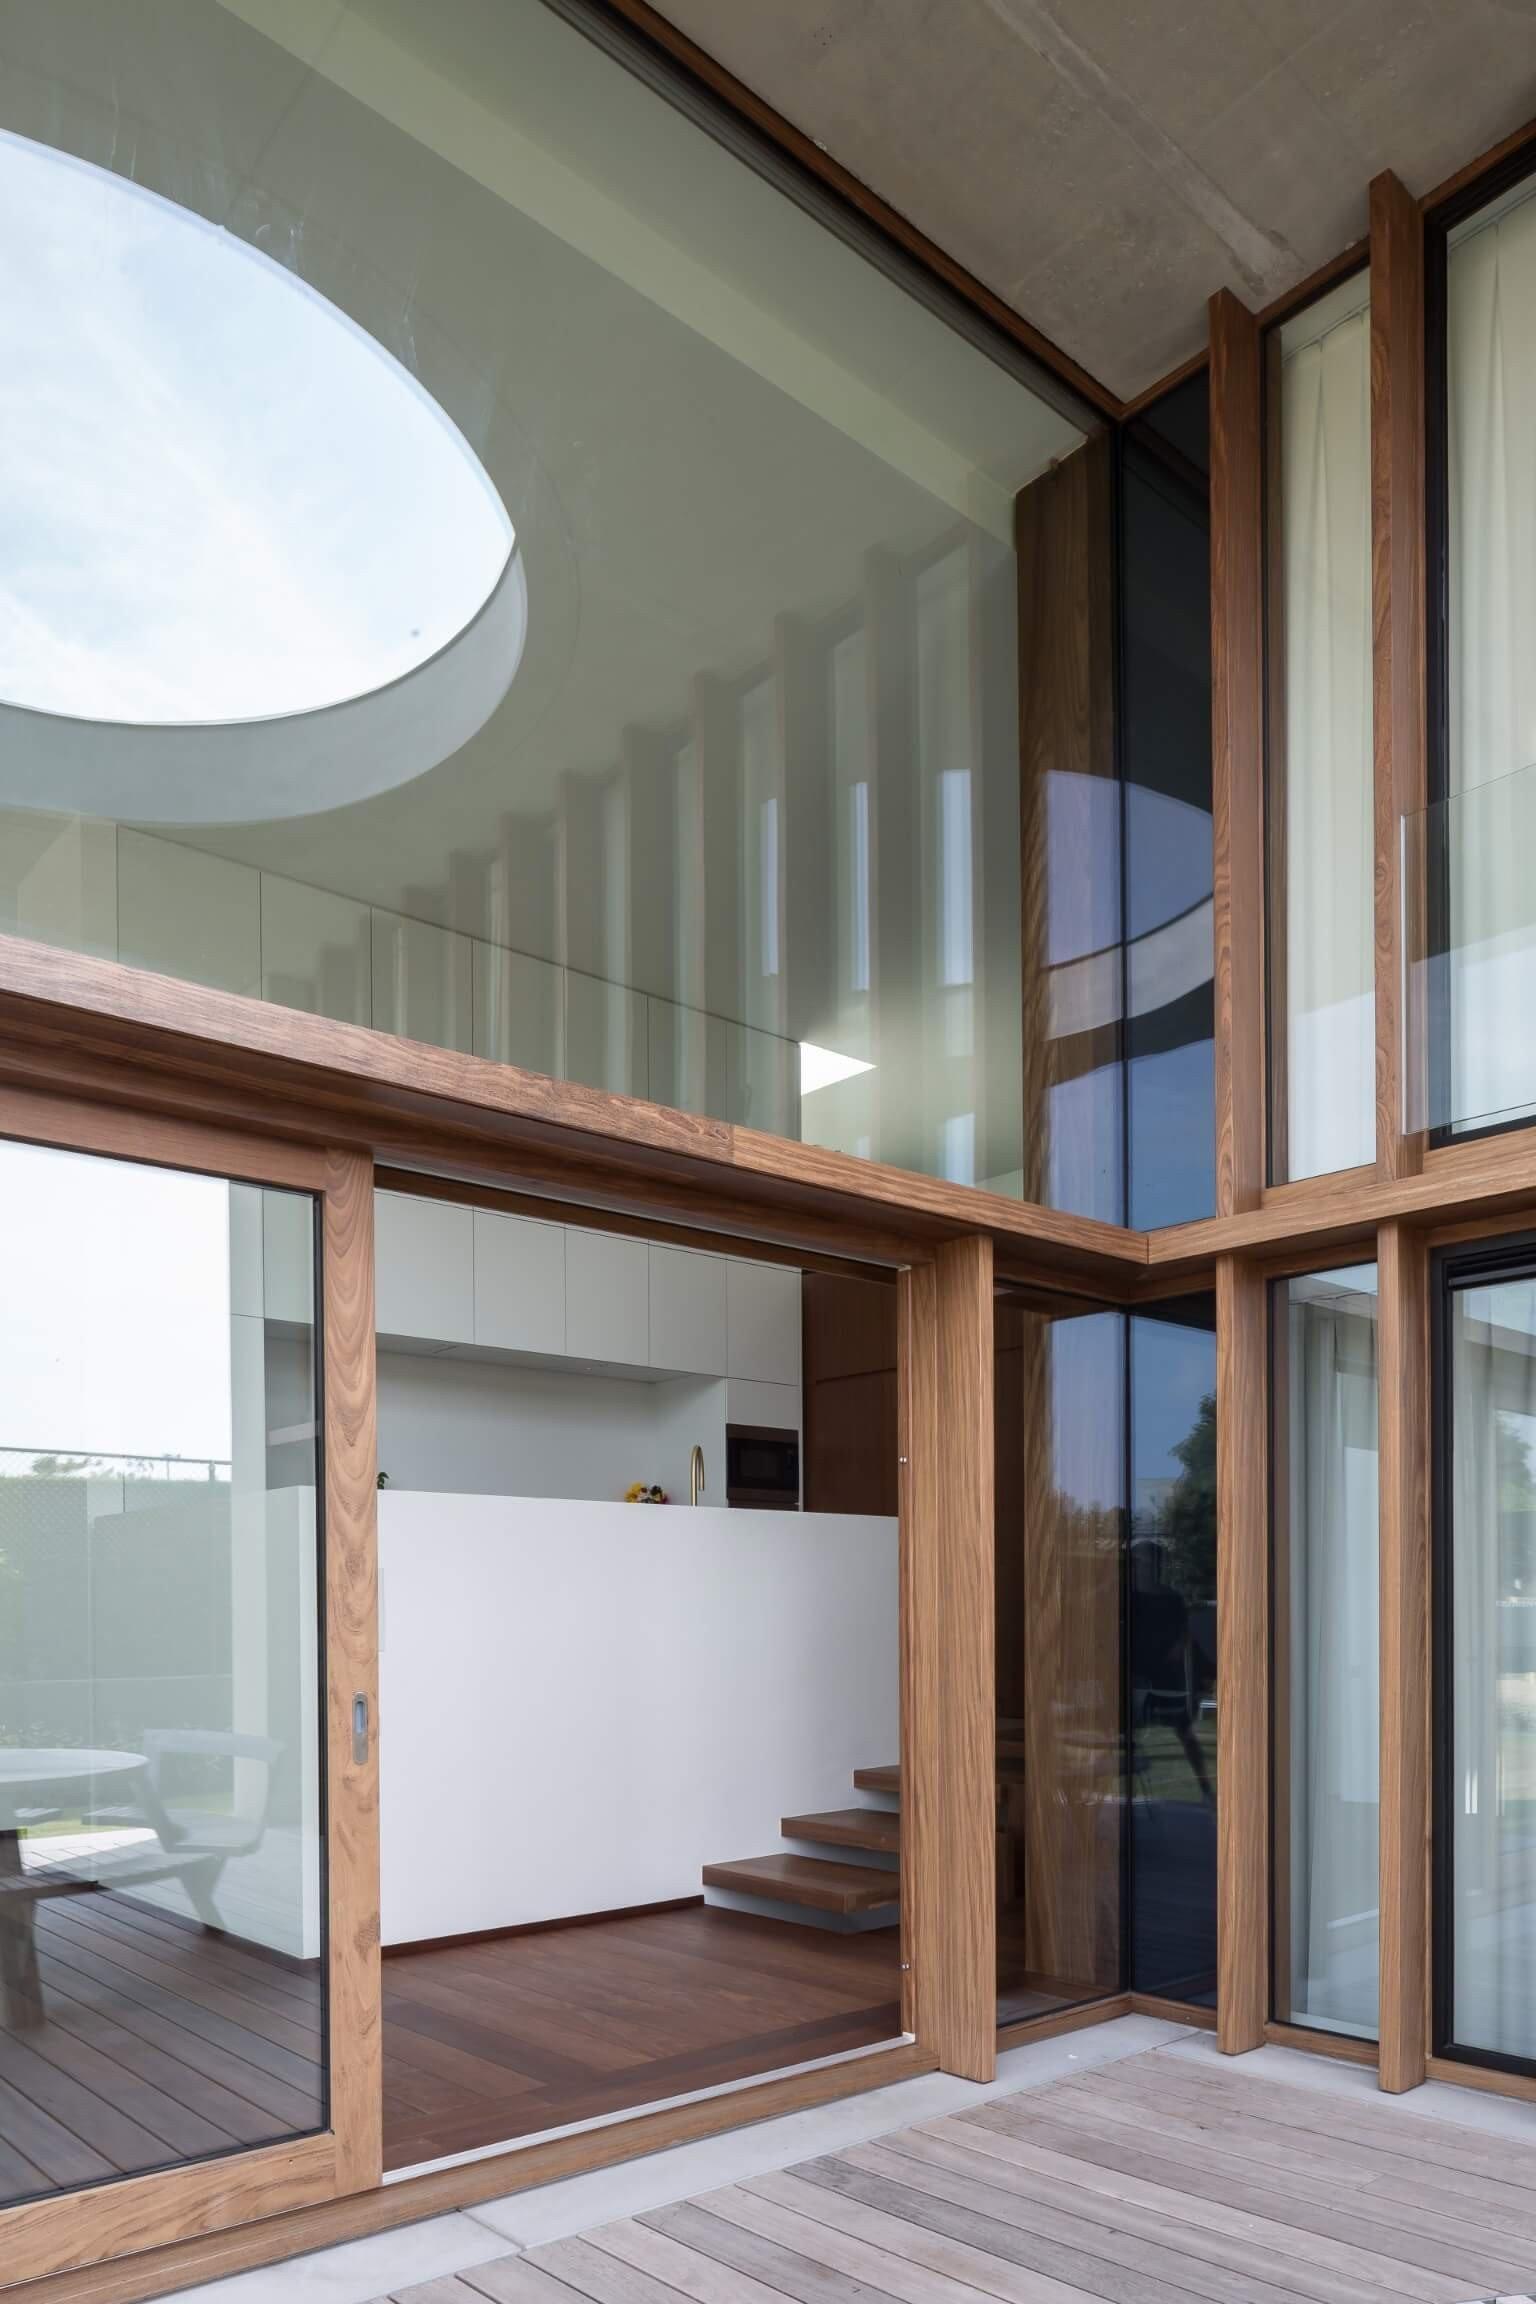 Rietveldprojects.be-HouseMC-villa-design-architectuur-kust60.jpg